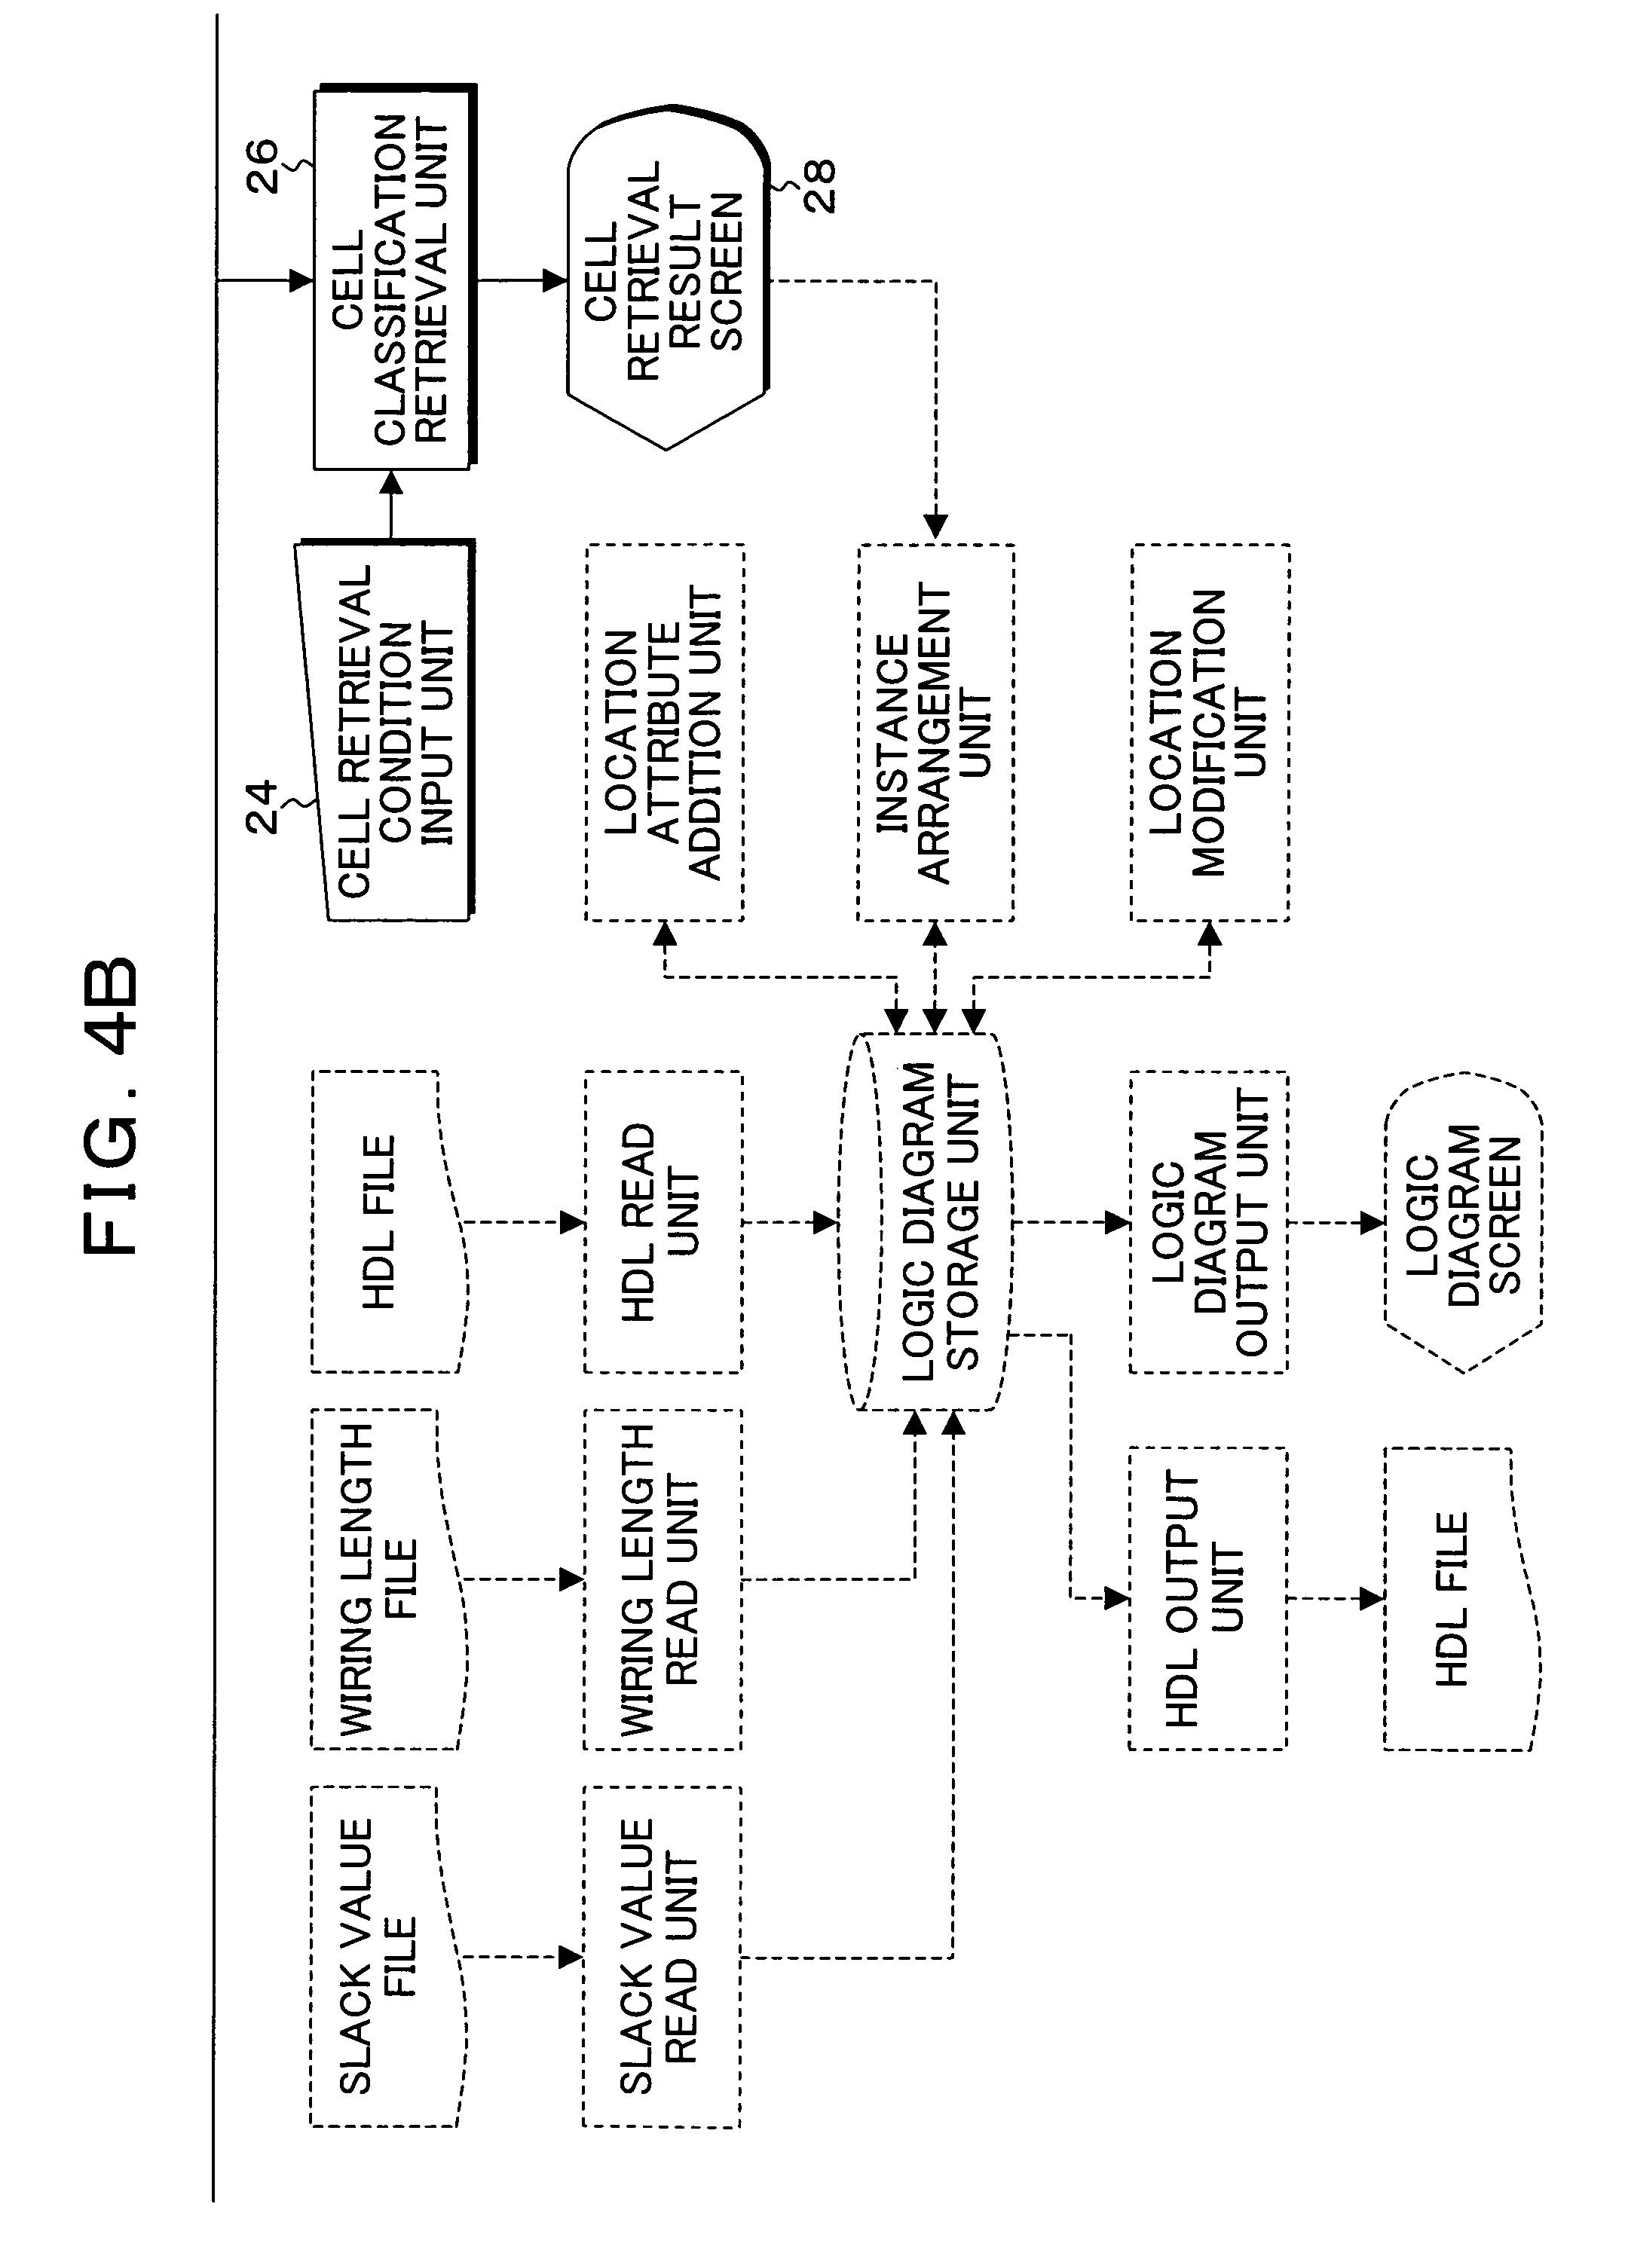 patent us7634750